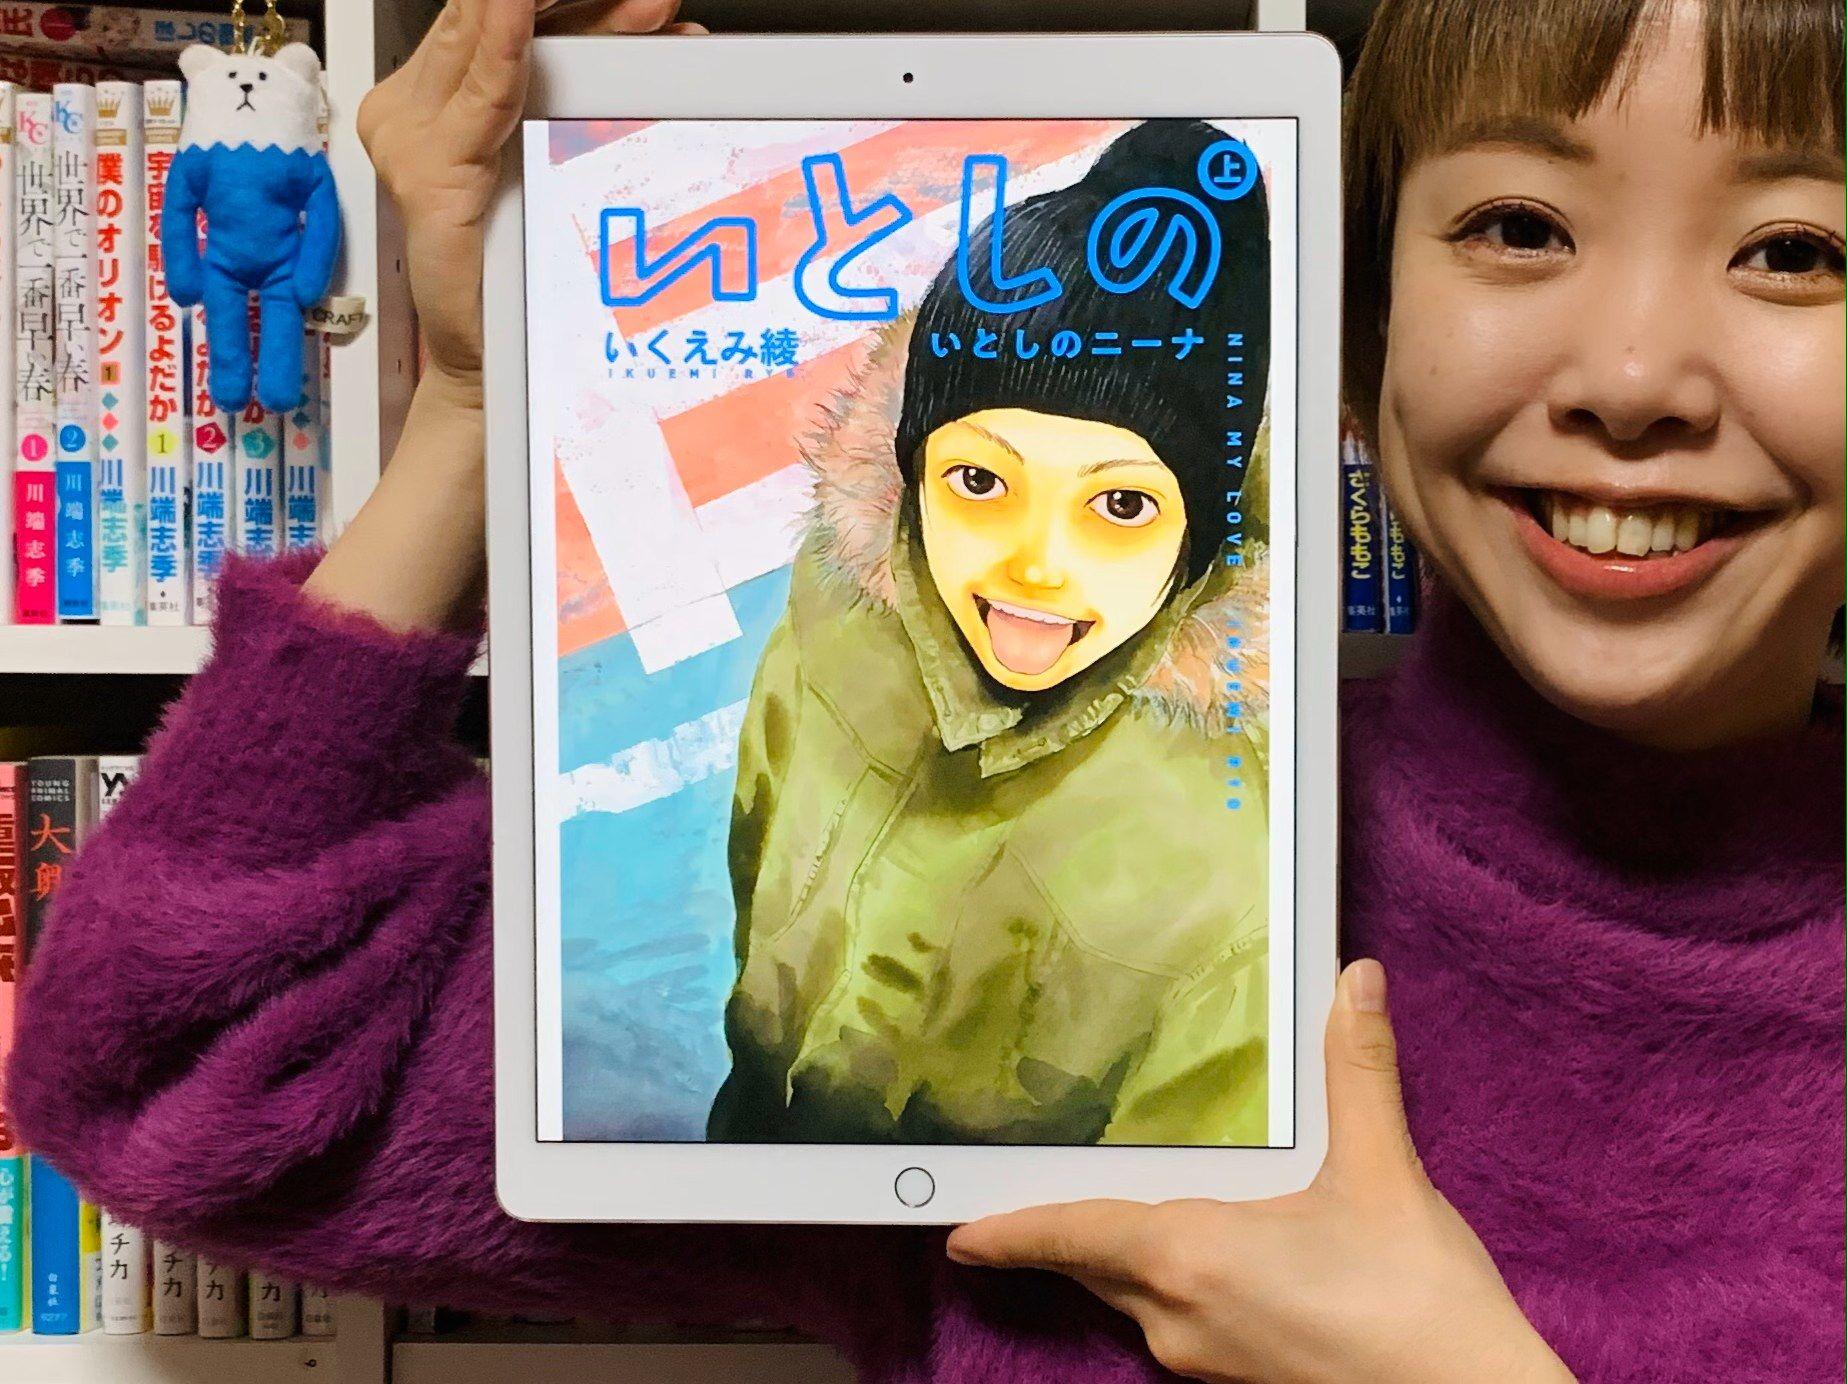 岡田健史さん主演でドラマ化、いくえみ綾の名作『いとしのニーナ』の魅力【別冊なかむらりょうこの少女漫画道】の画像001